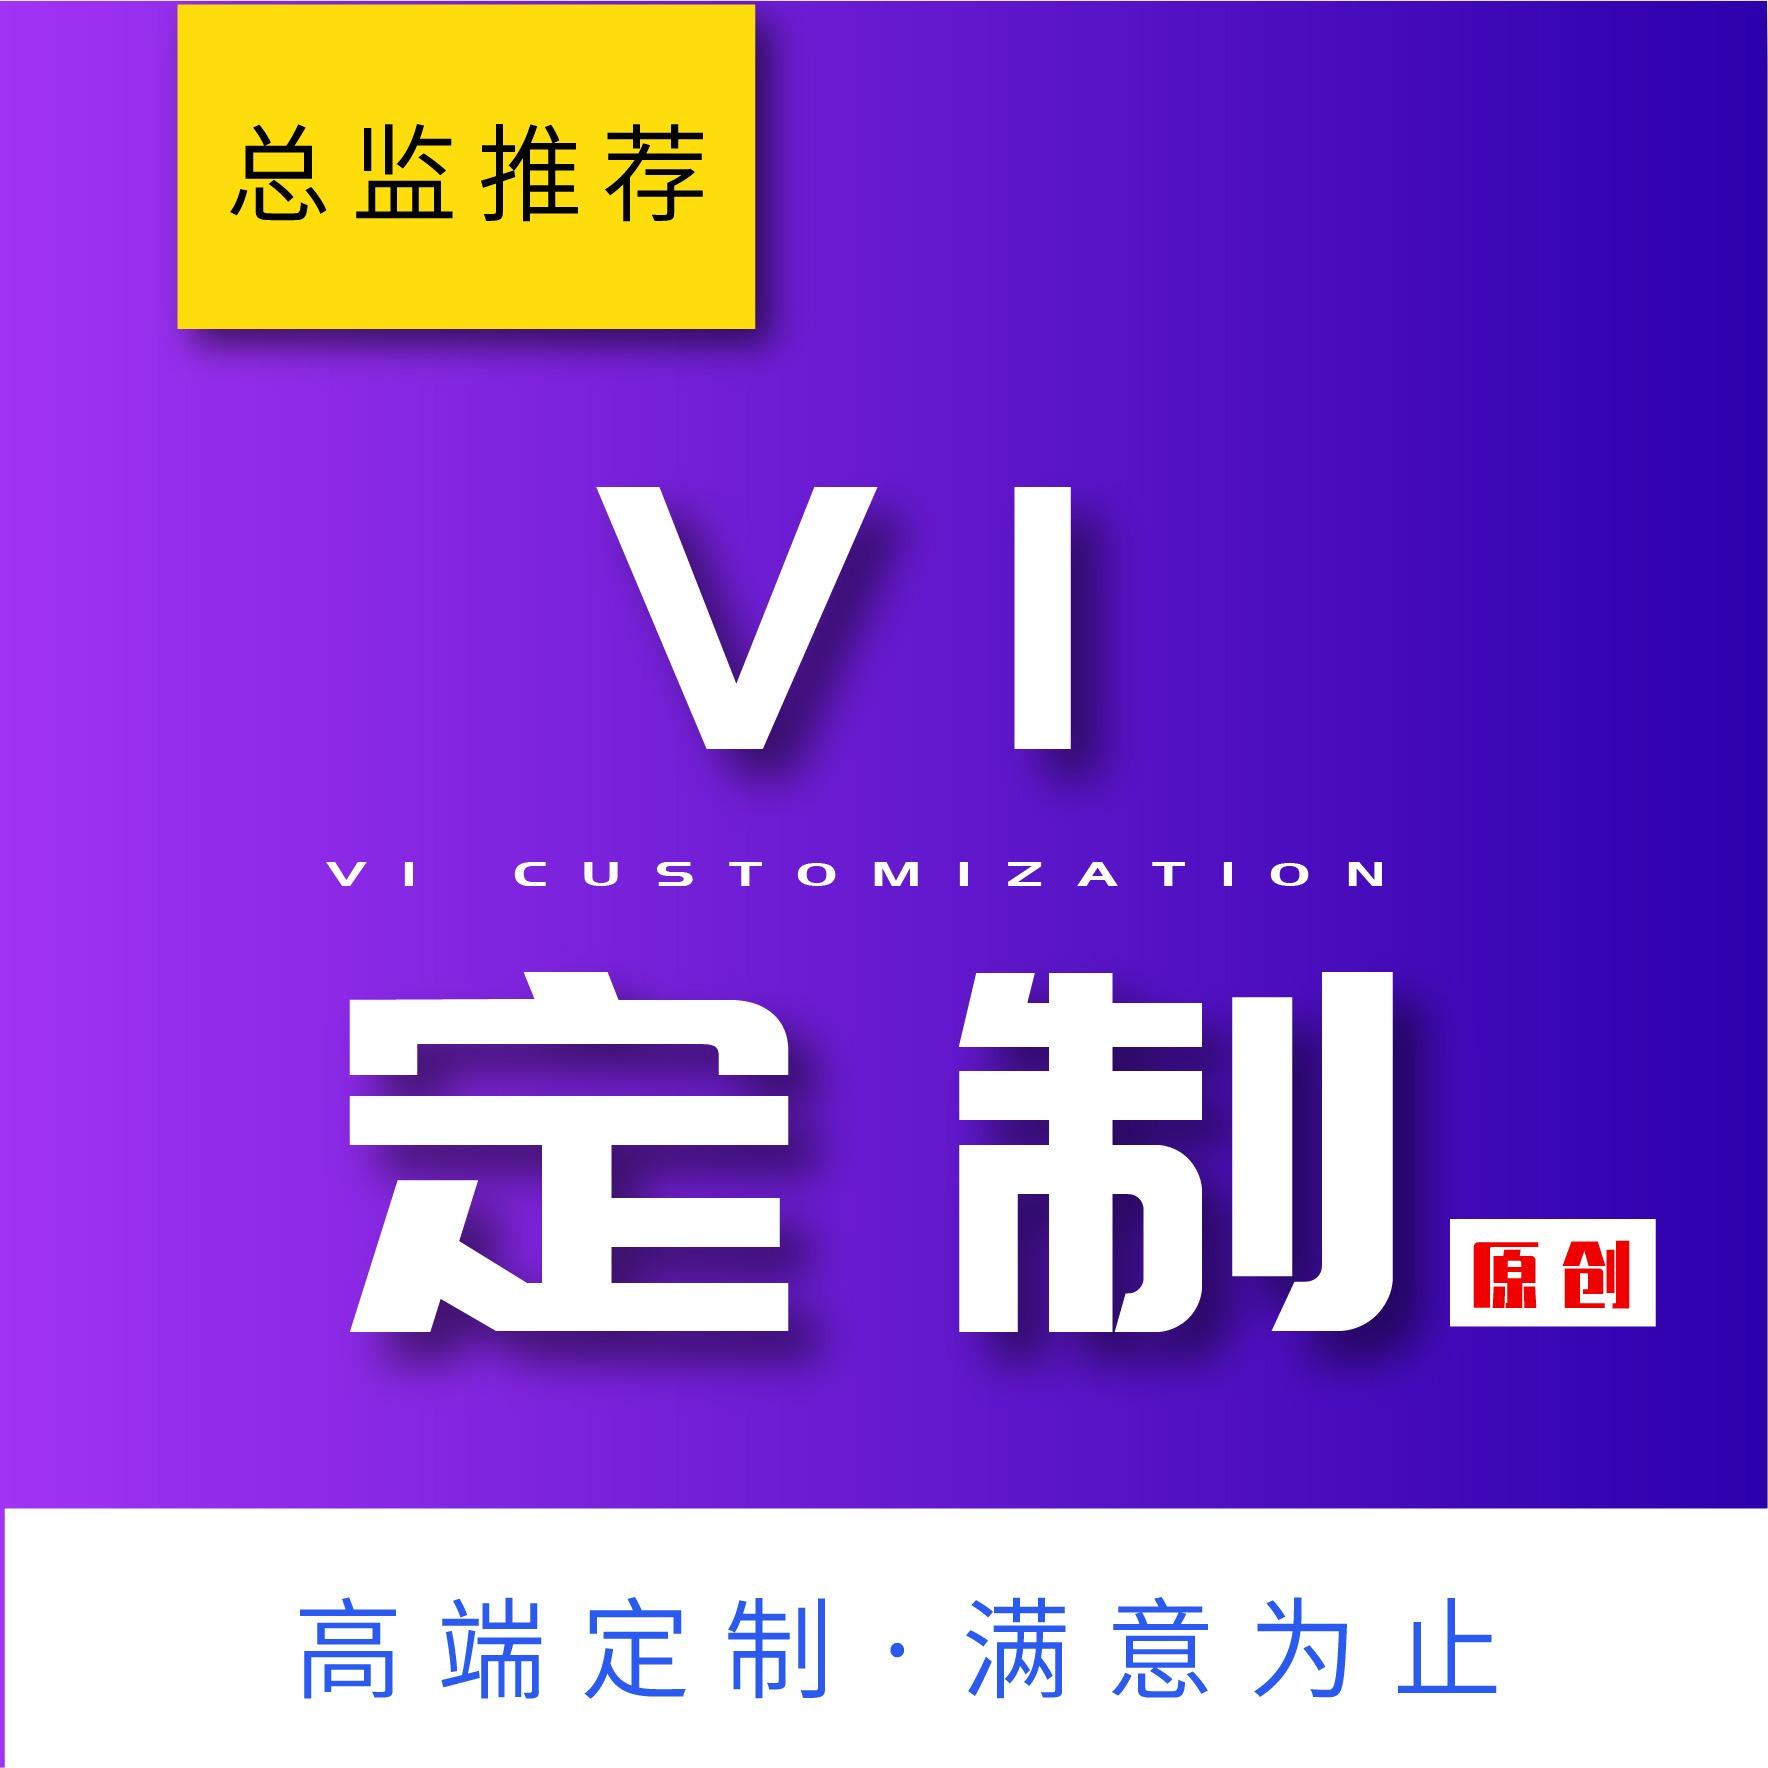 超市酒店类食品包装餐饮品牌形象 vi设计 服务企业形象 设计 公司